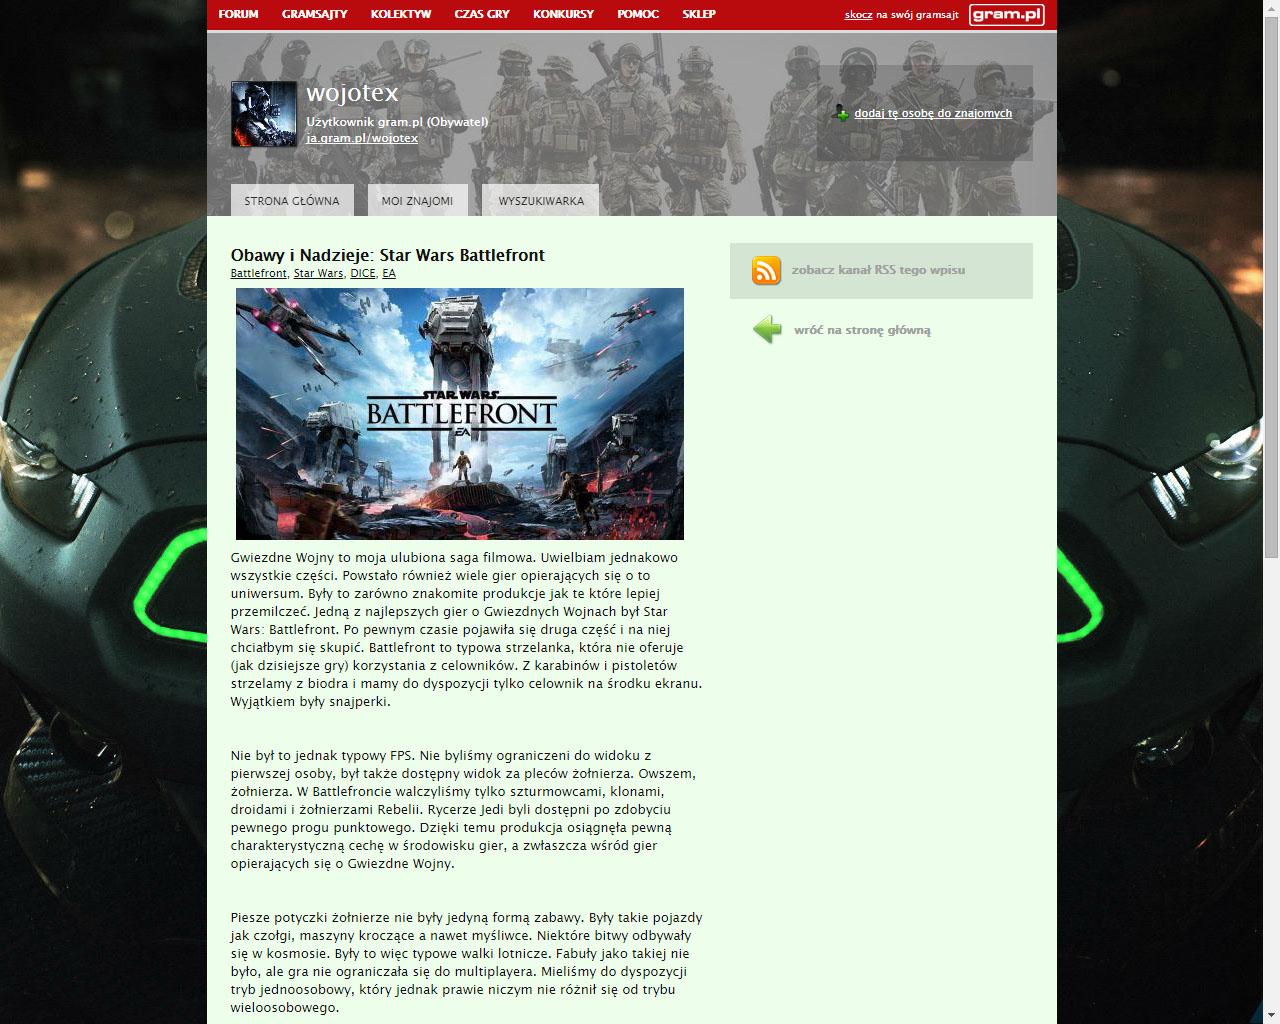 Co w gramsajtach piszczy #129 - O Ubisoft, Wiedźminie i starych Gramowiczach... - obrazek 2